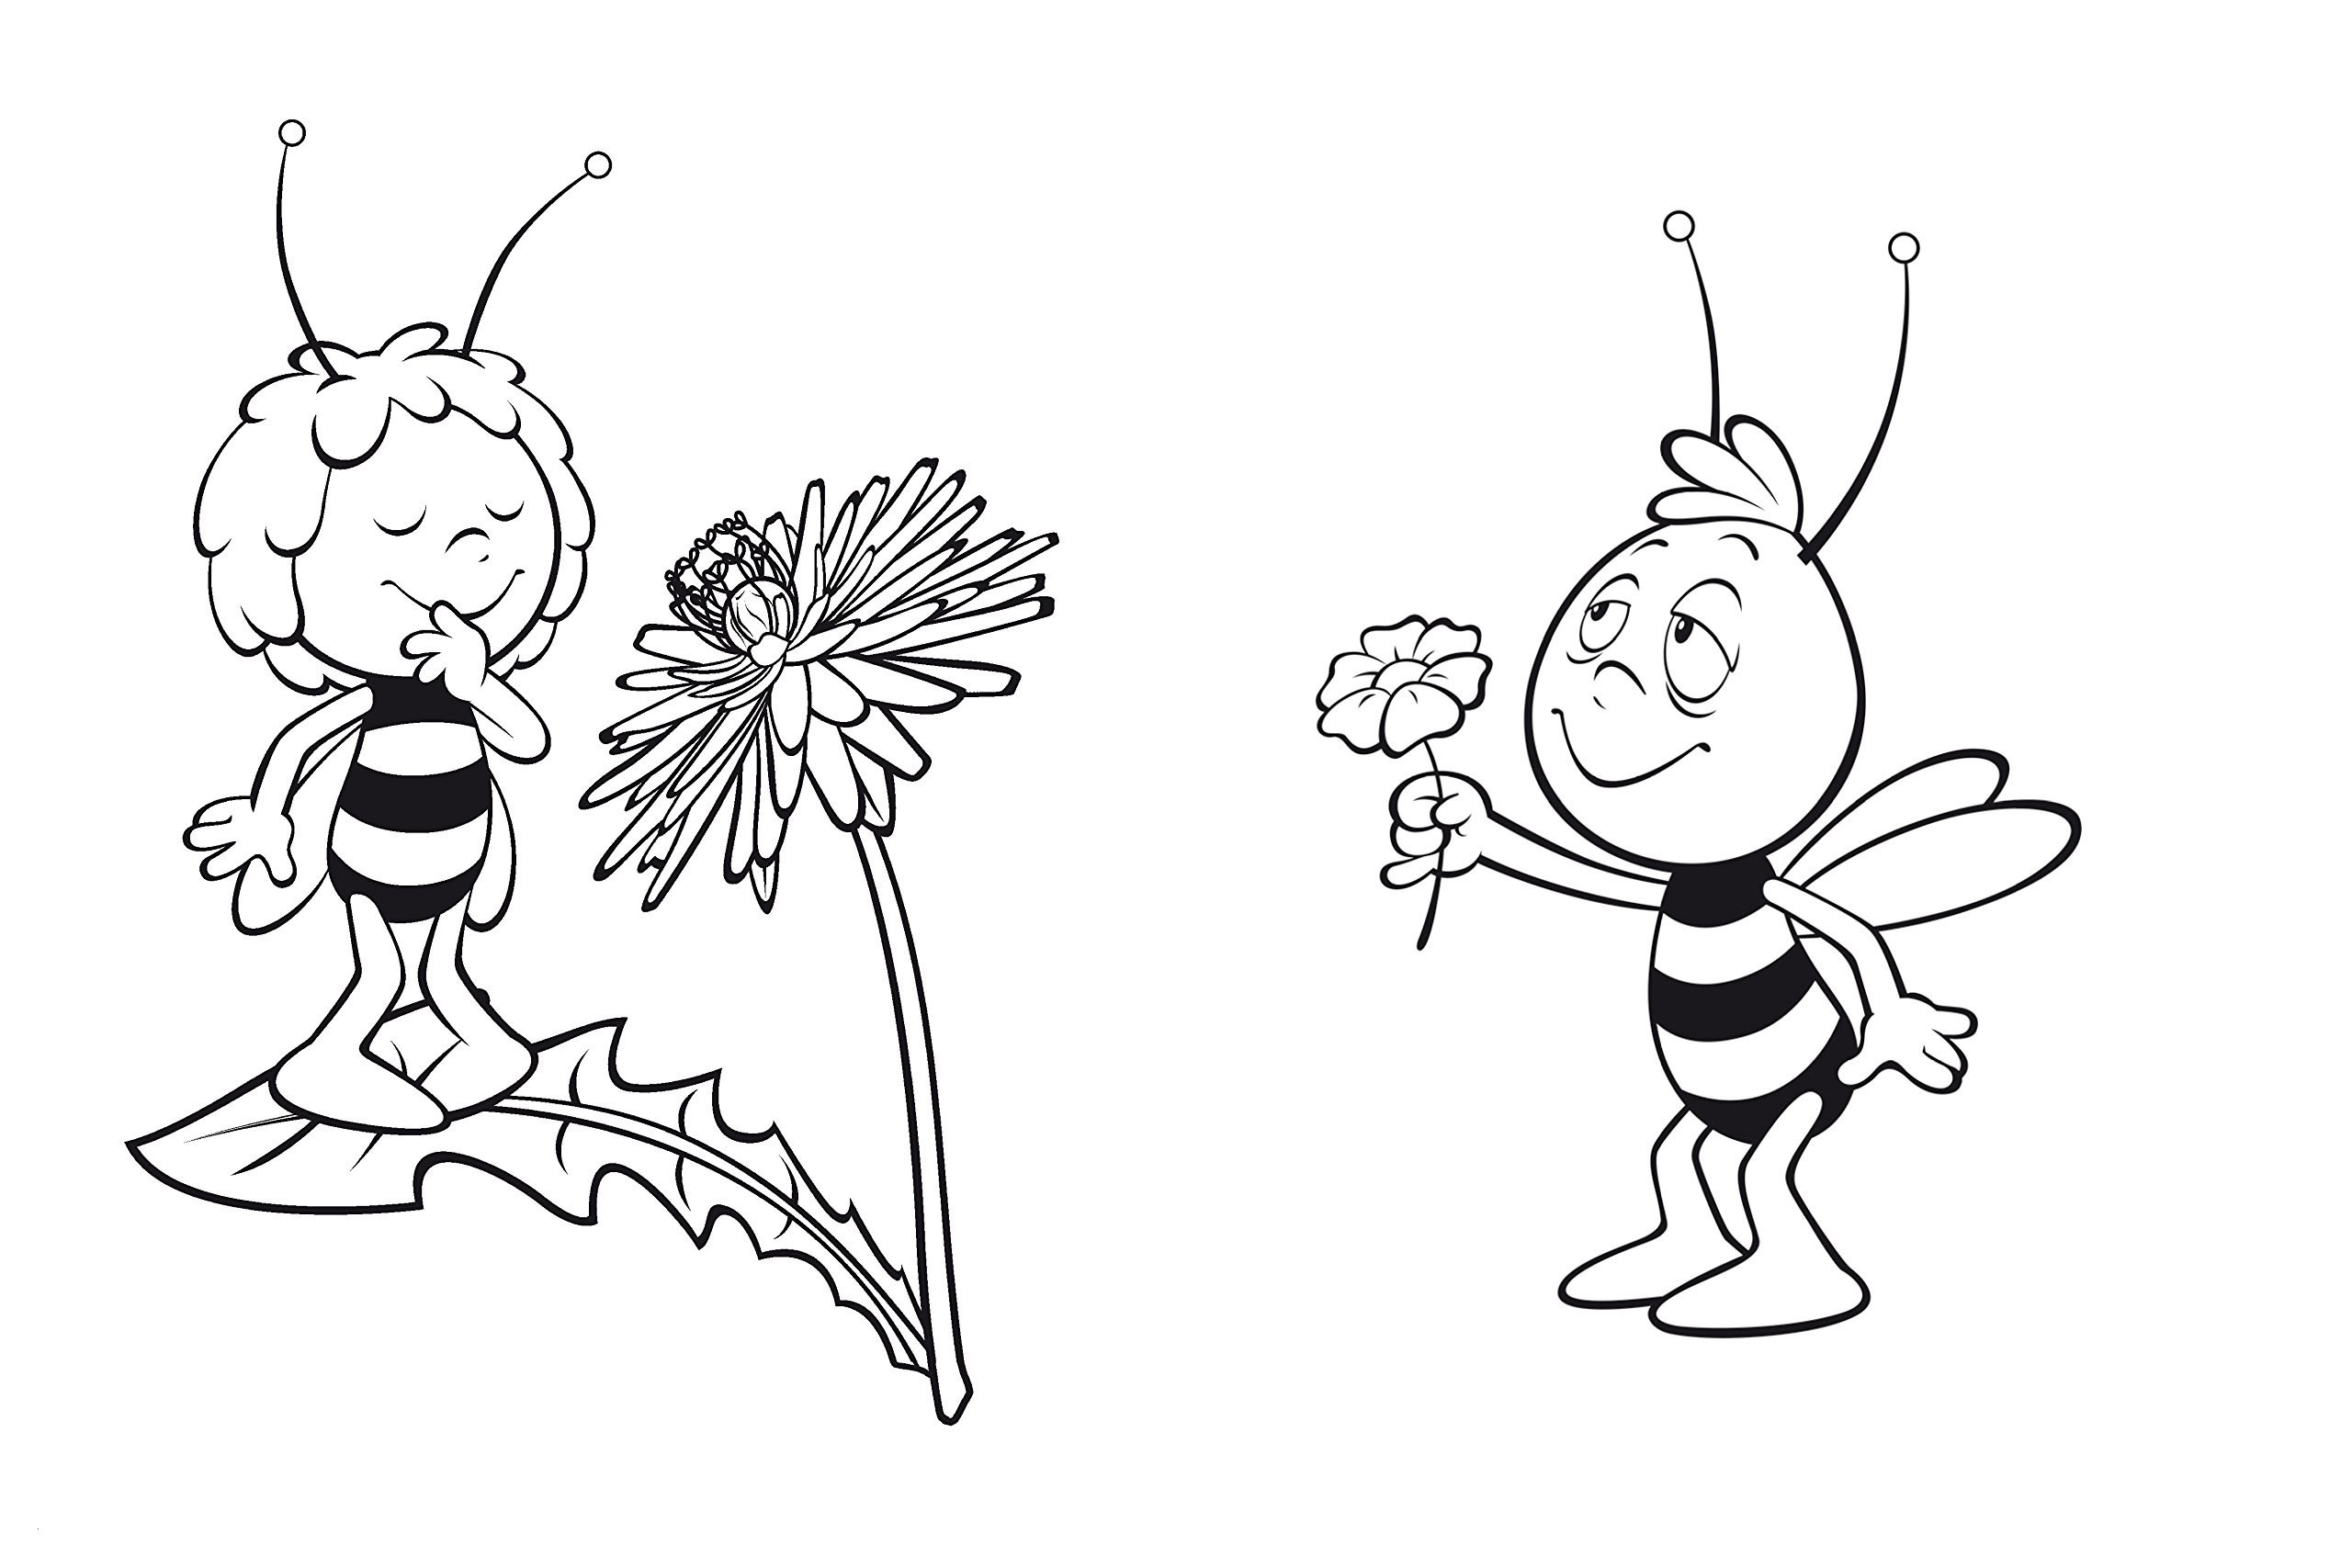 Biene Maja Und Willi Ausmalbilder Inspirierend Bienen Ausmalbilder Schön 35 Ausmalbilder Biene Maja Und Willi Stock